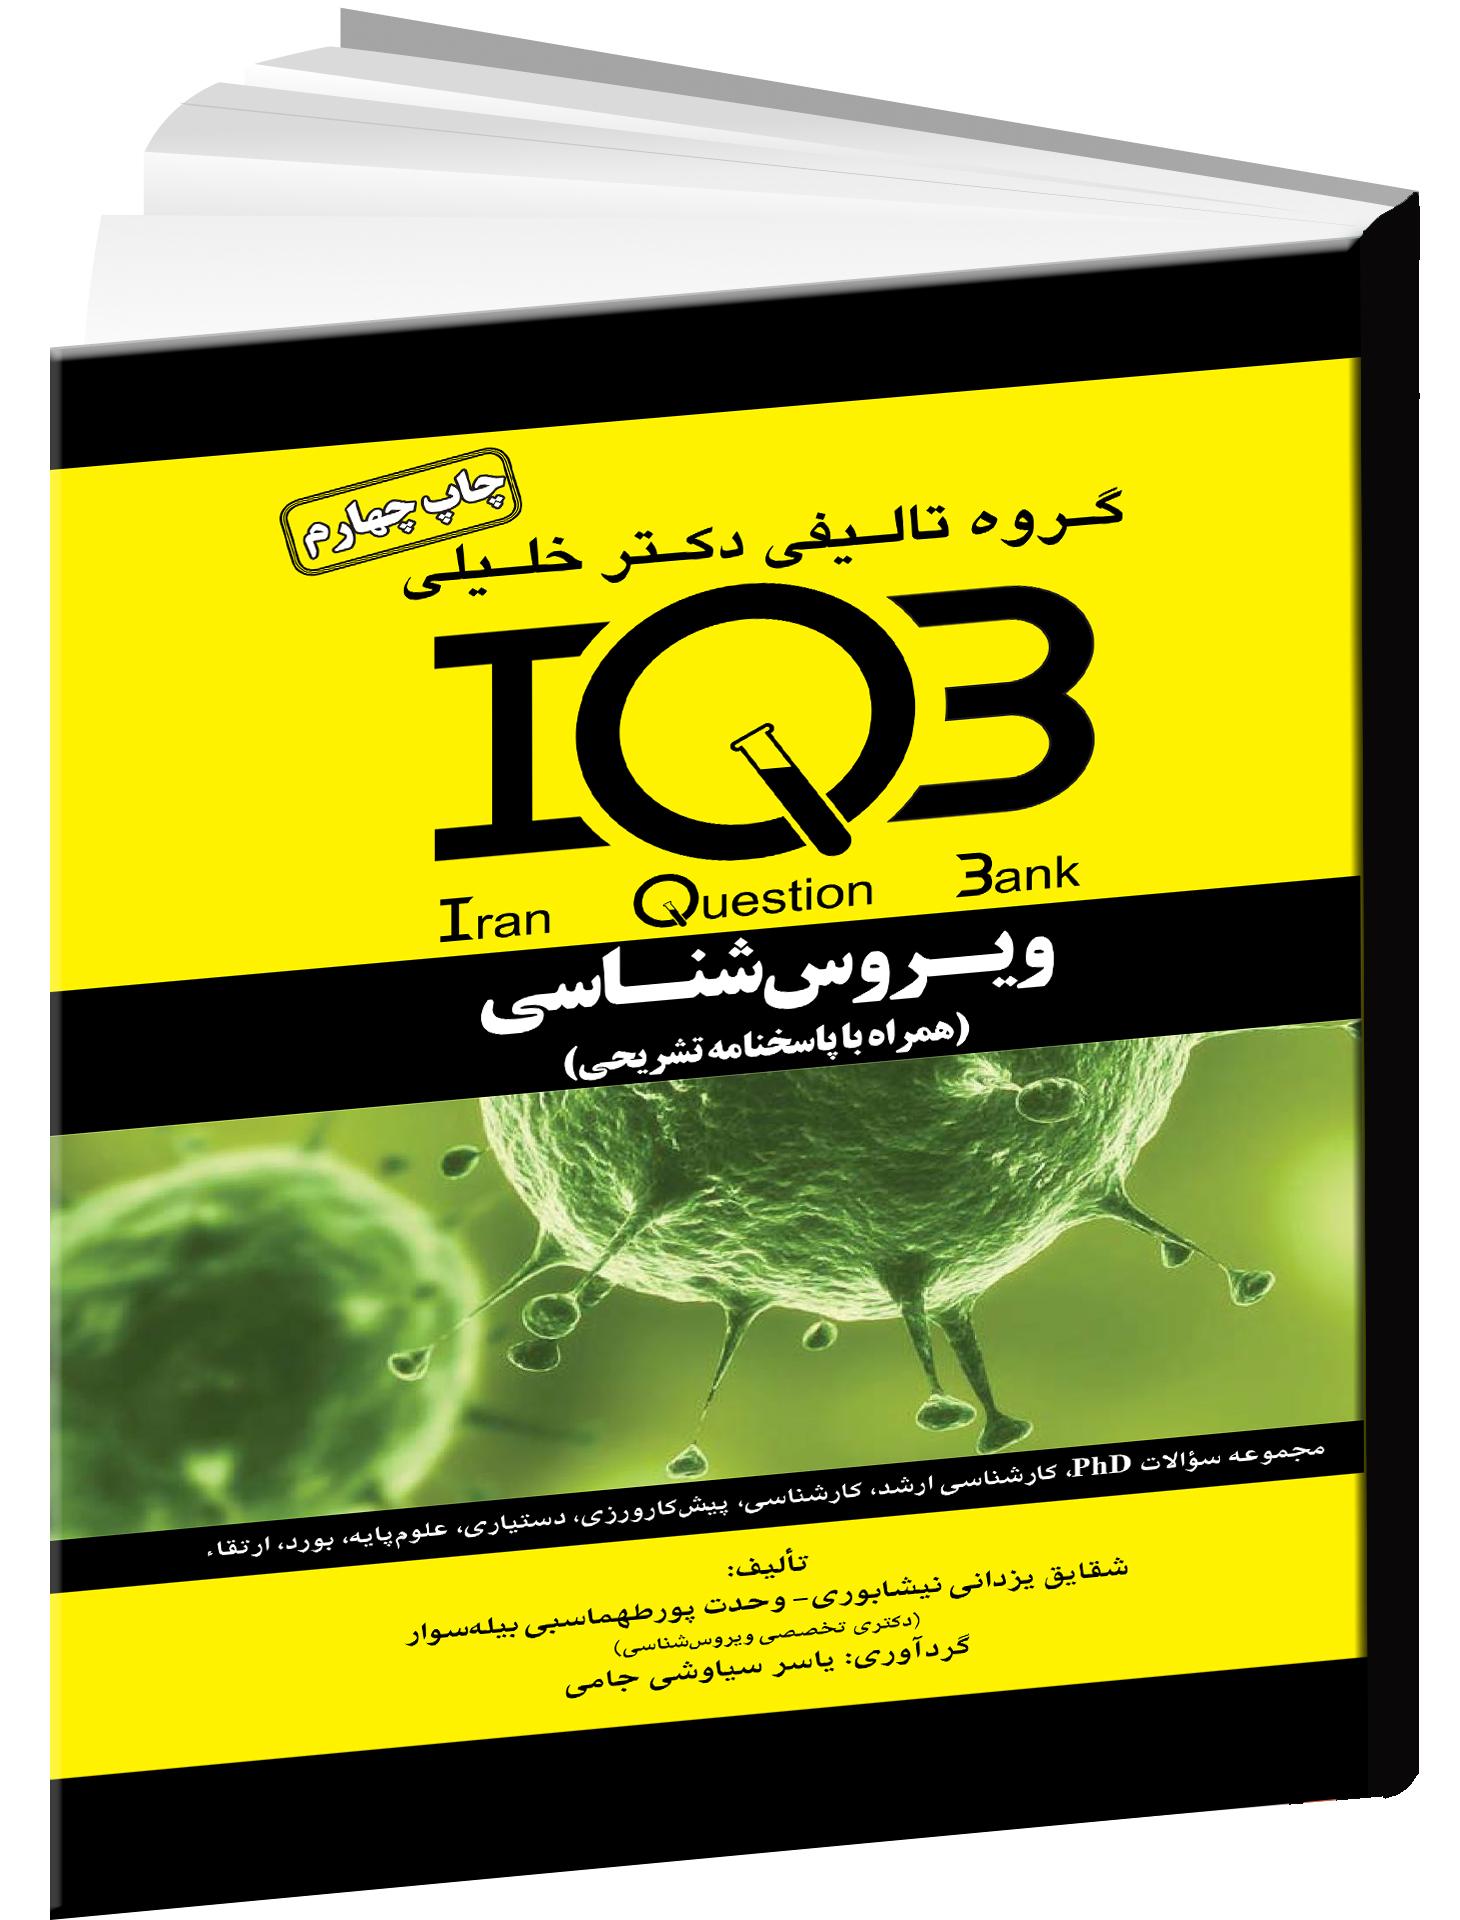 IQB خلیلی اشراقیه ویروس شناسی (بهمراه پاسخنامه تشریحی)